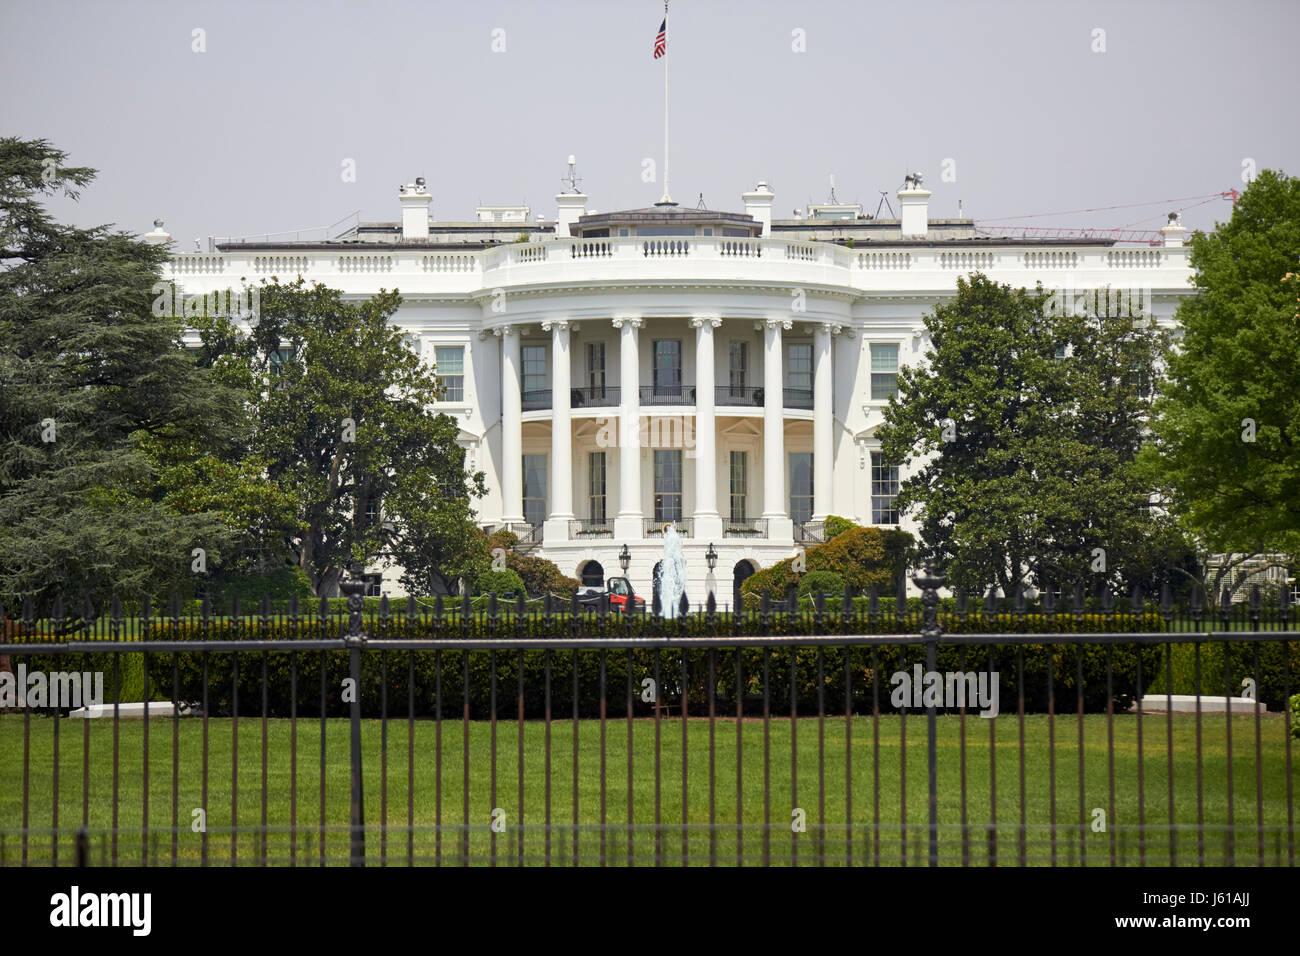 south facade of the white house Washington DC USA - Stock Image